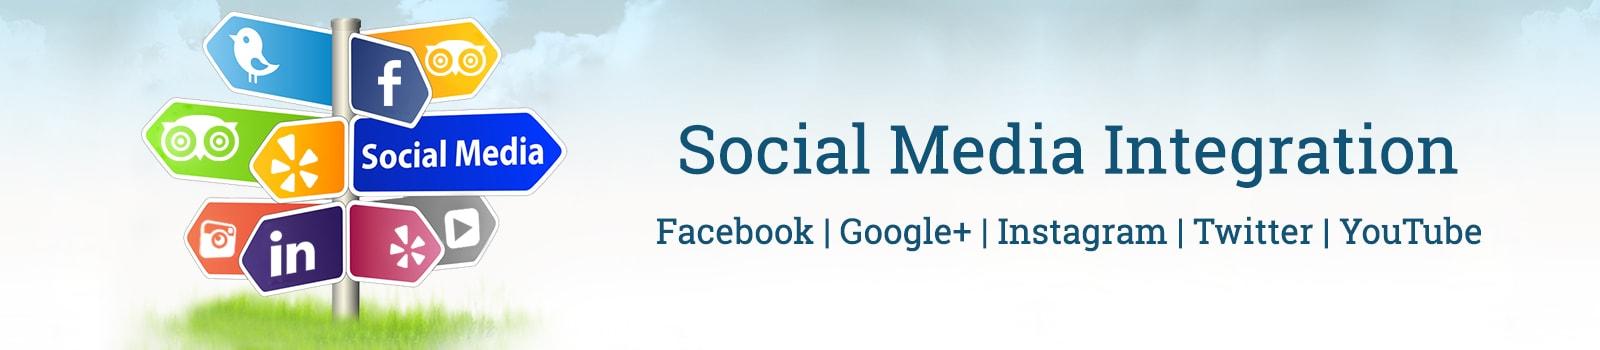 Social Media1-min